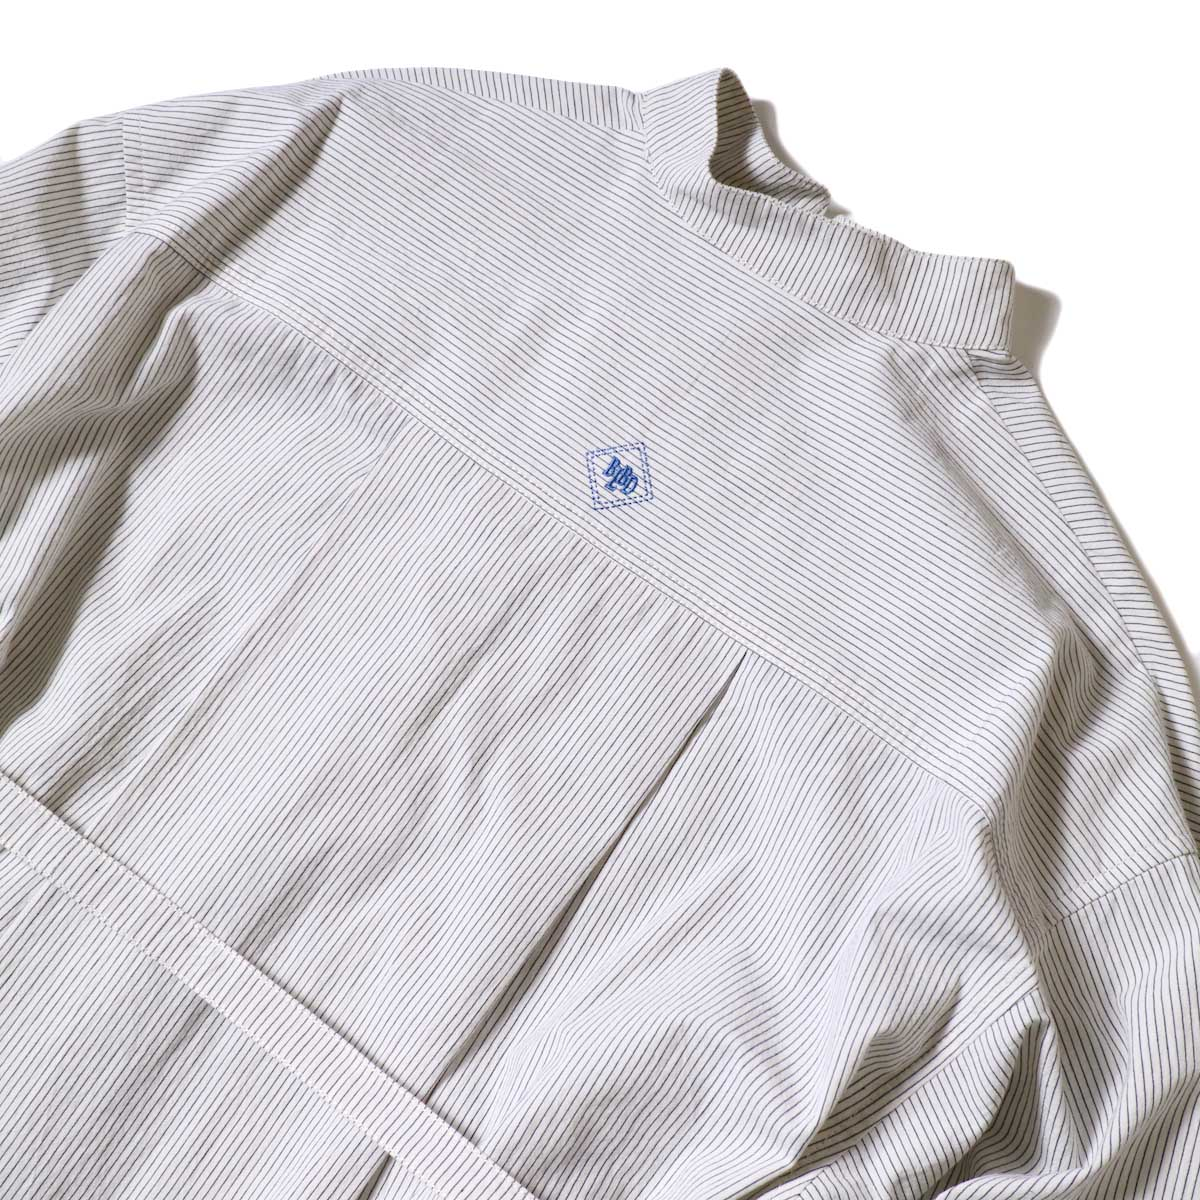 BLUEBIRD BOULEVARD / ブストライプダブルワッシャーシャツドレス (Ivory×Black) 背面アップ